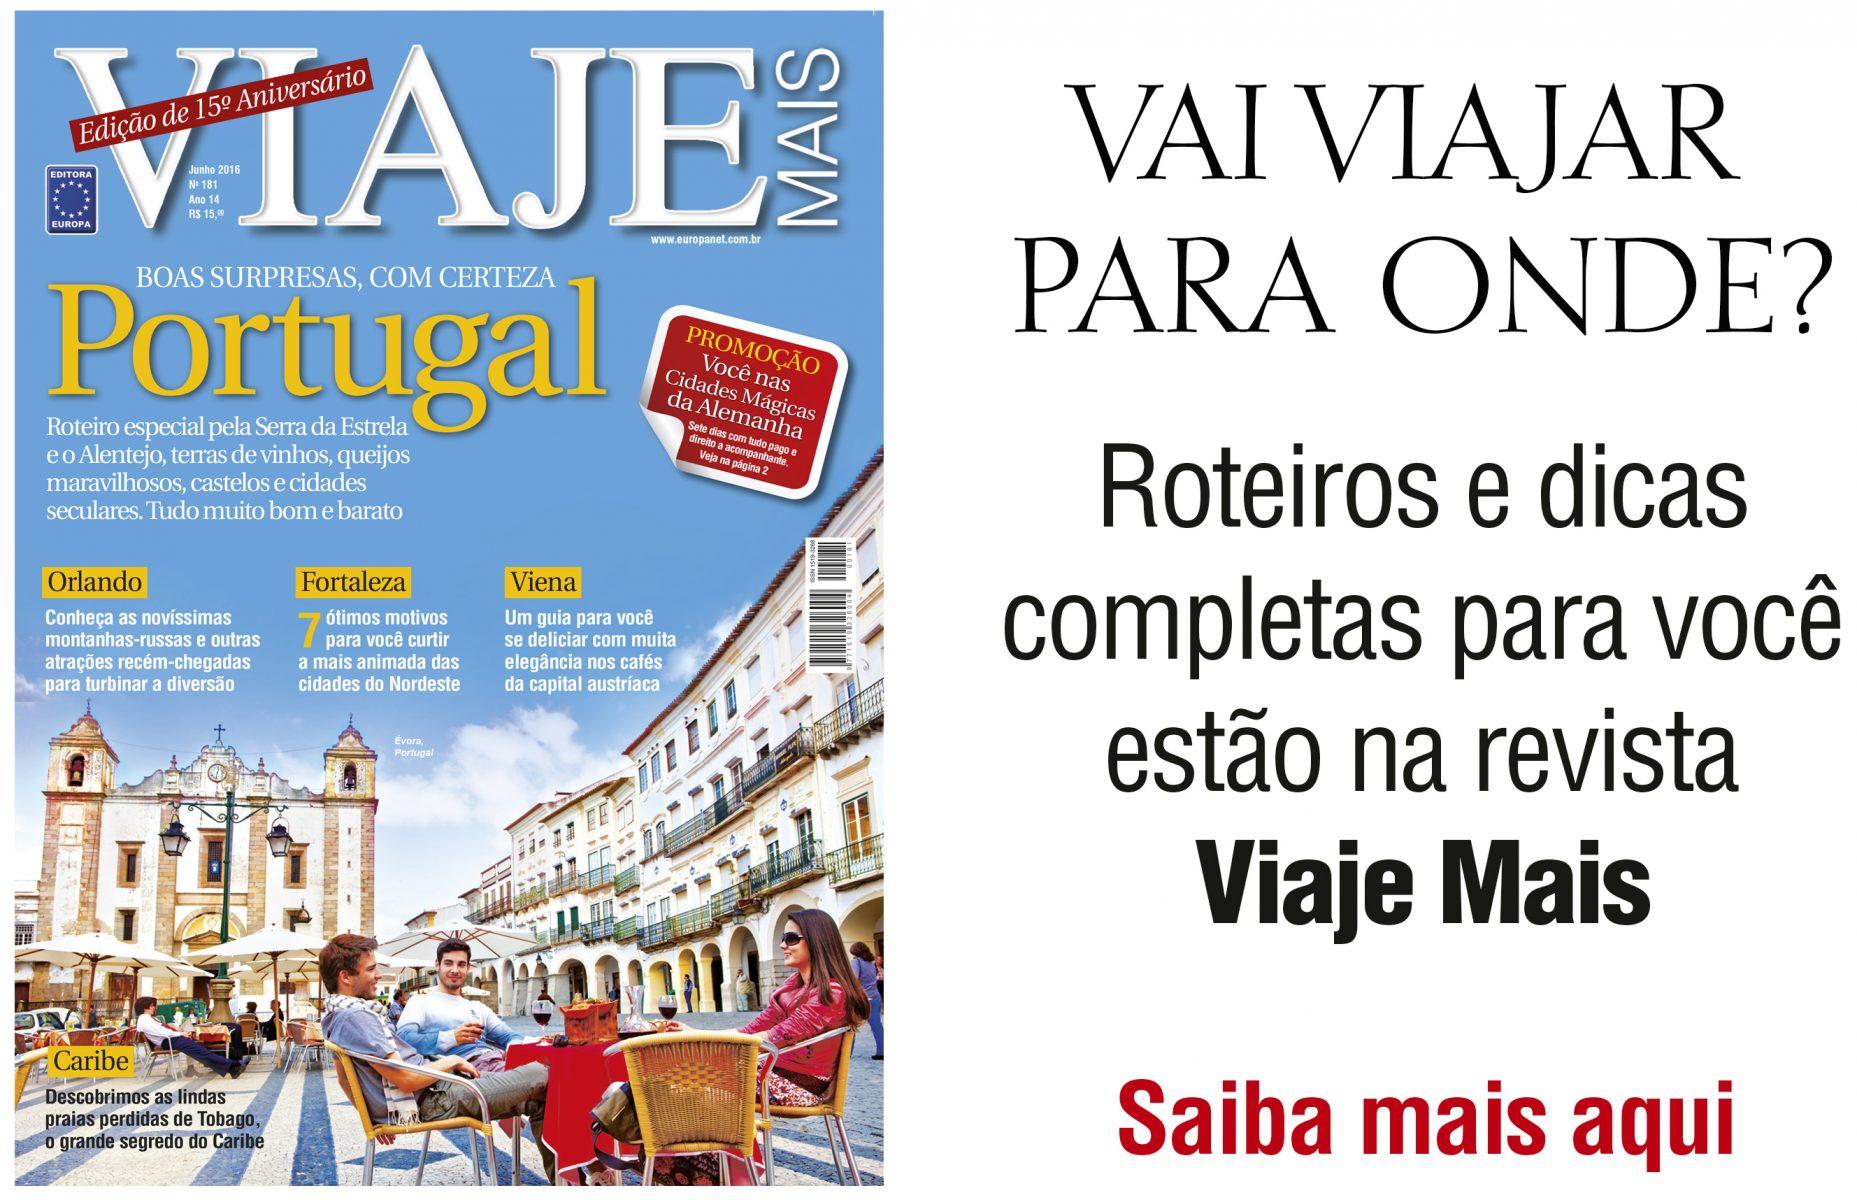 viaje - Tem promoção no Hilton São Paulo Morumbi